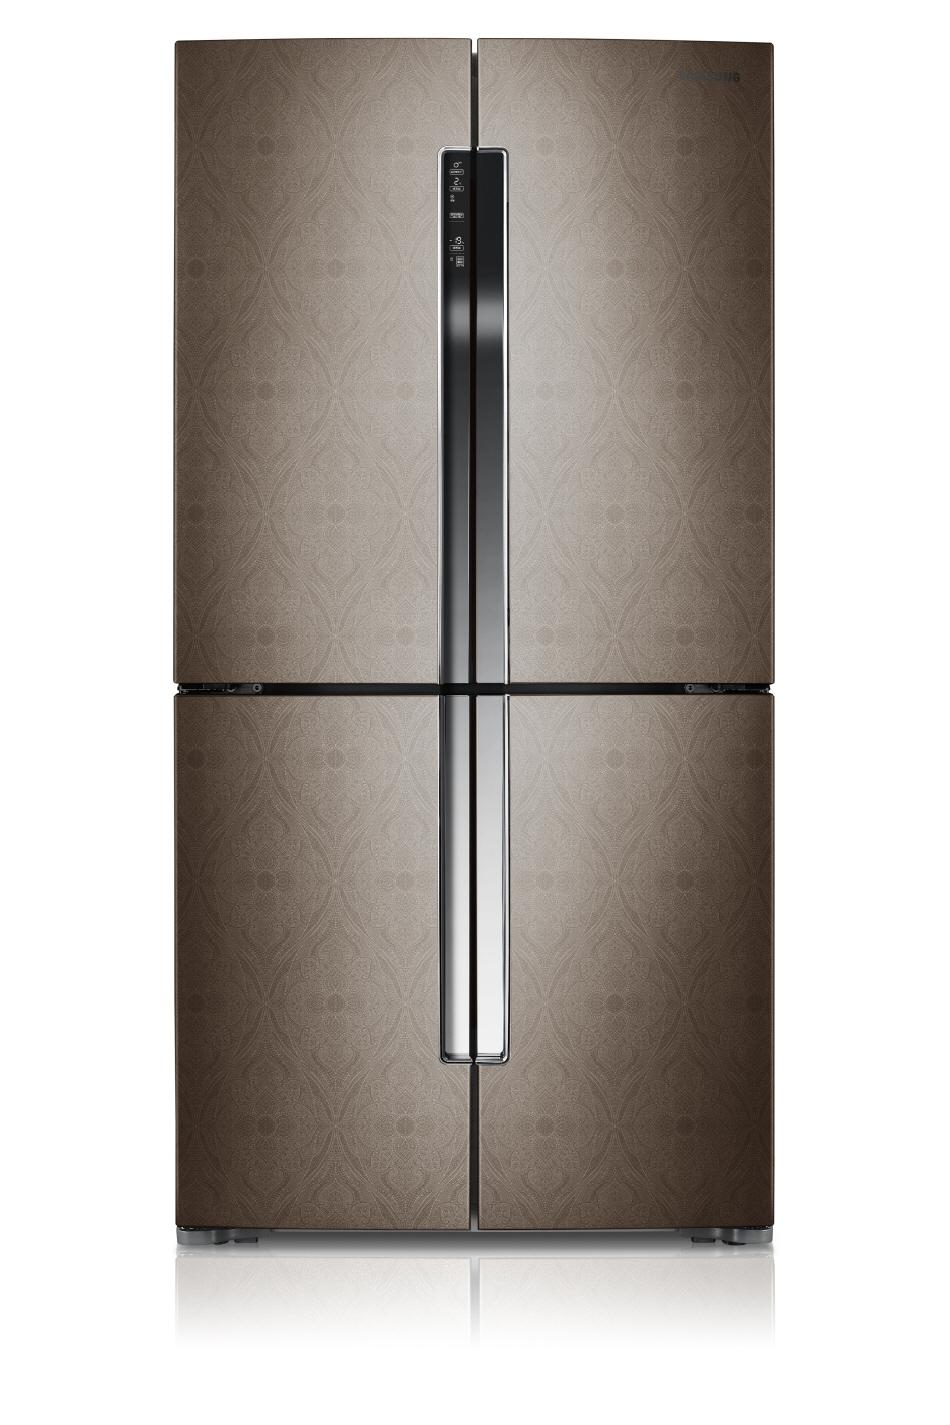 삼성 지펠 T9000 냉장고